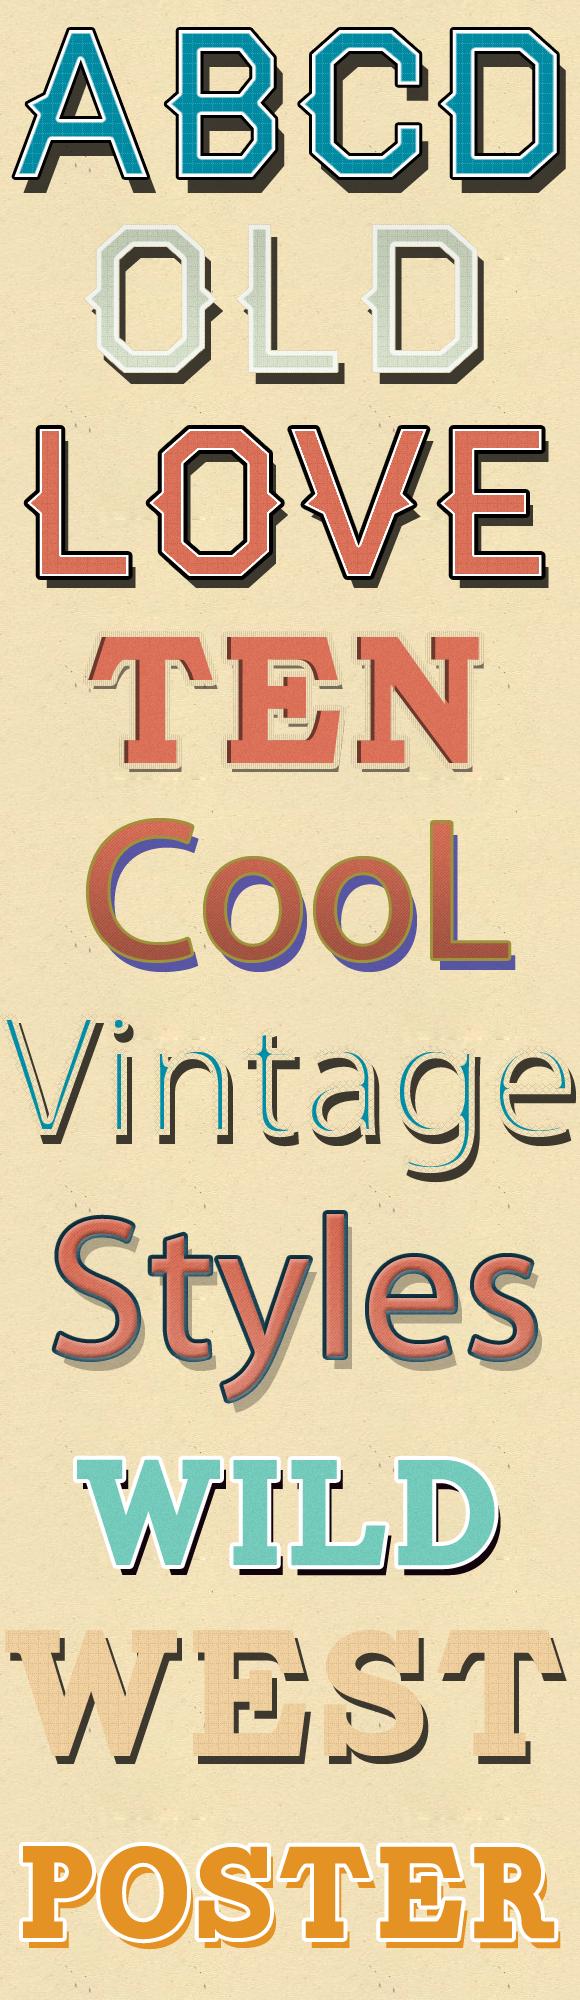 10 Vintage Styles